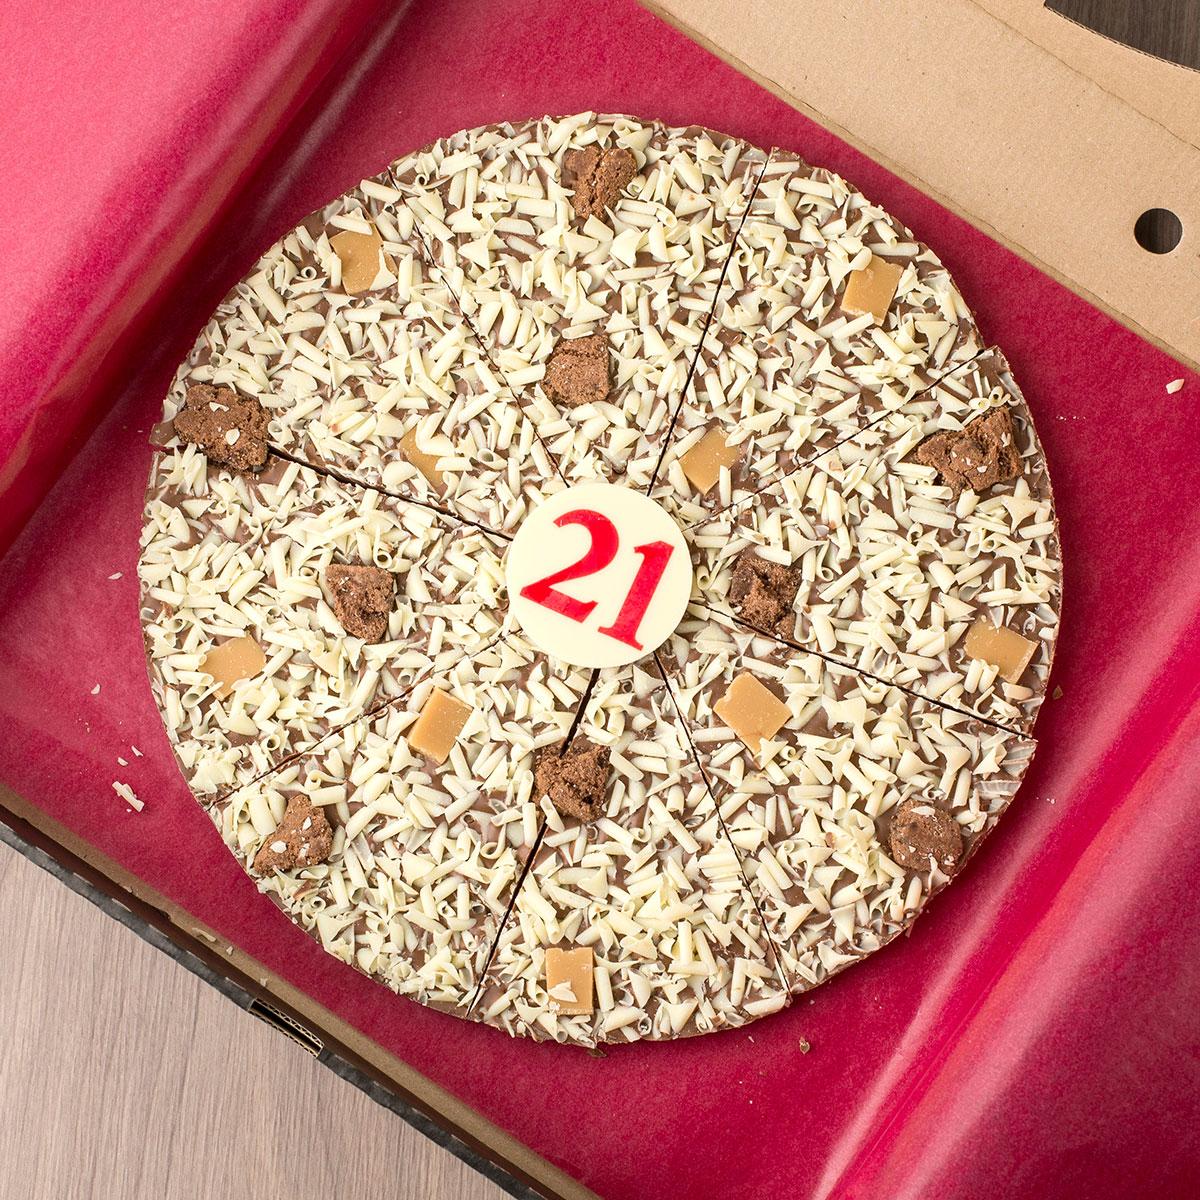 21st Birthday Chocoholics Pizza - 21st gift